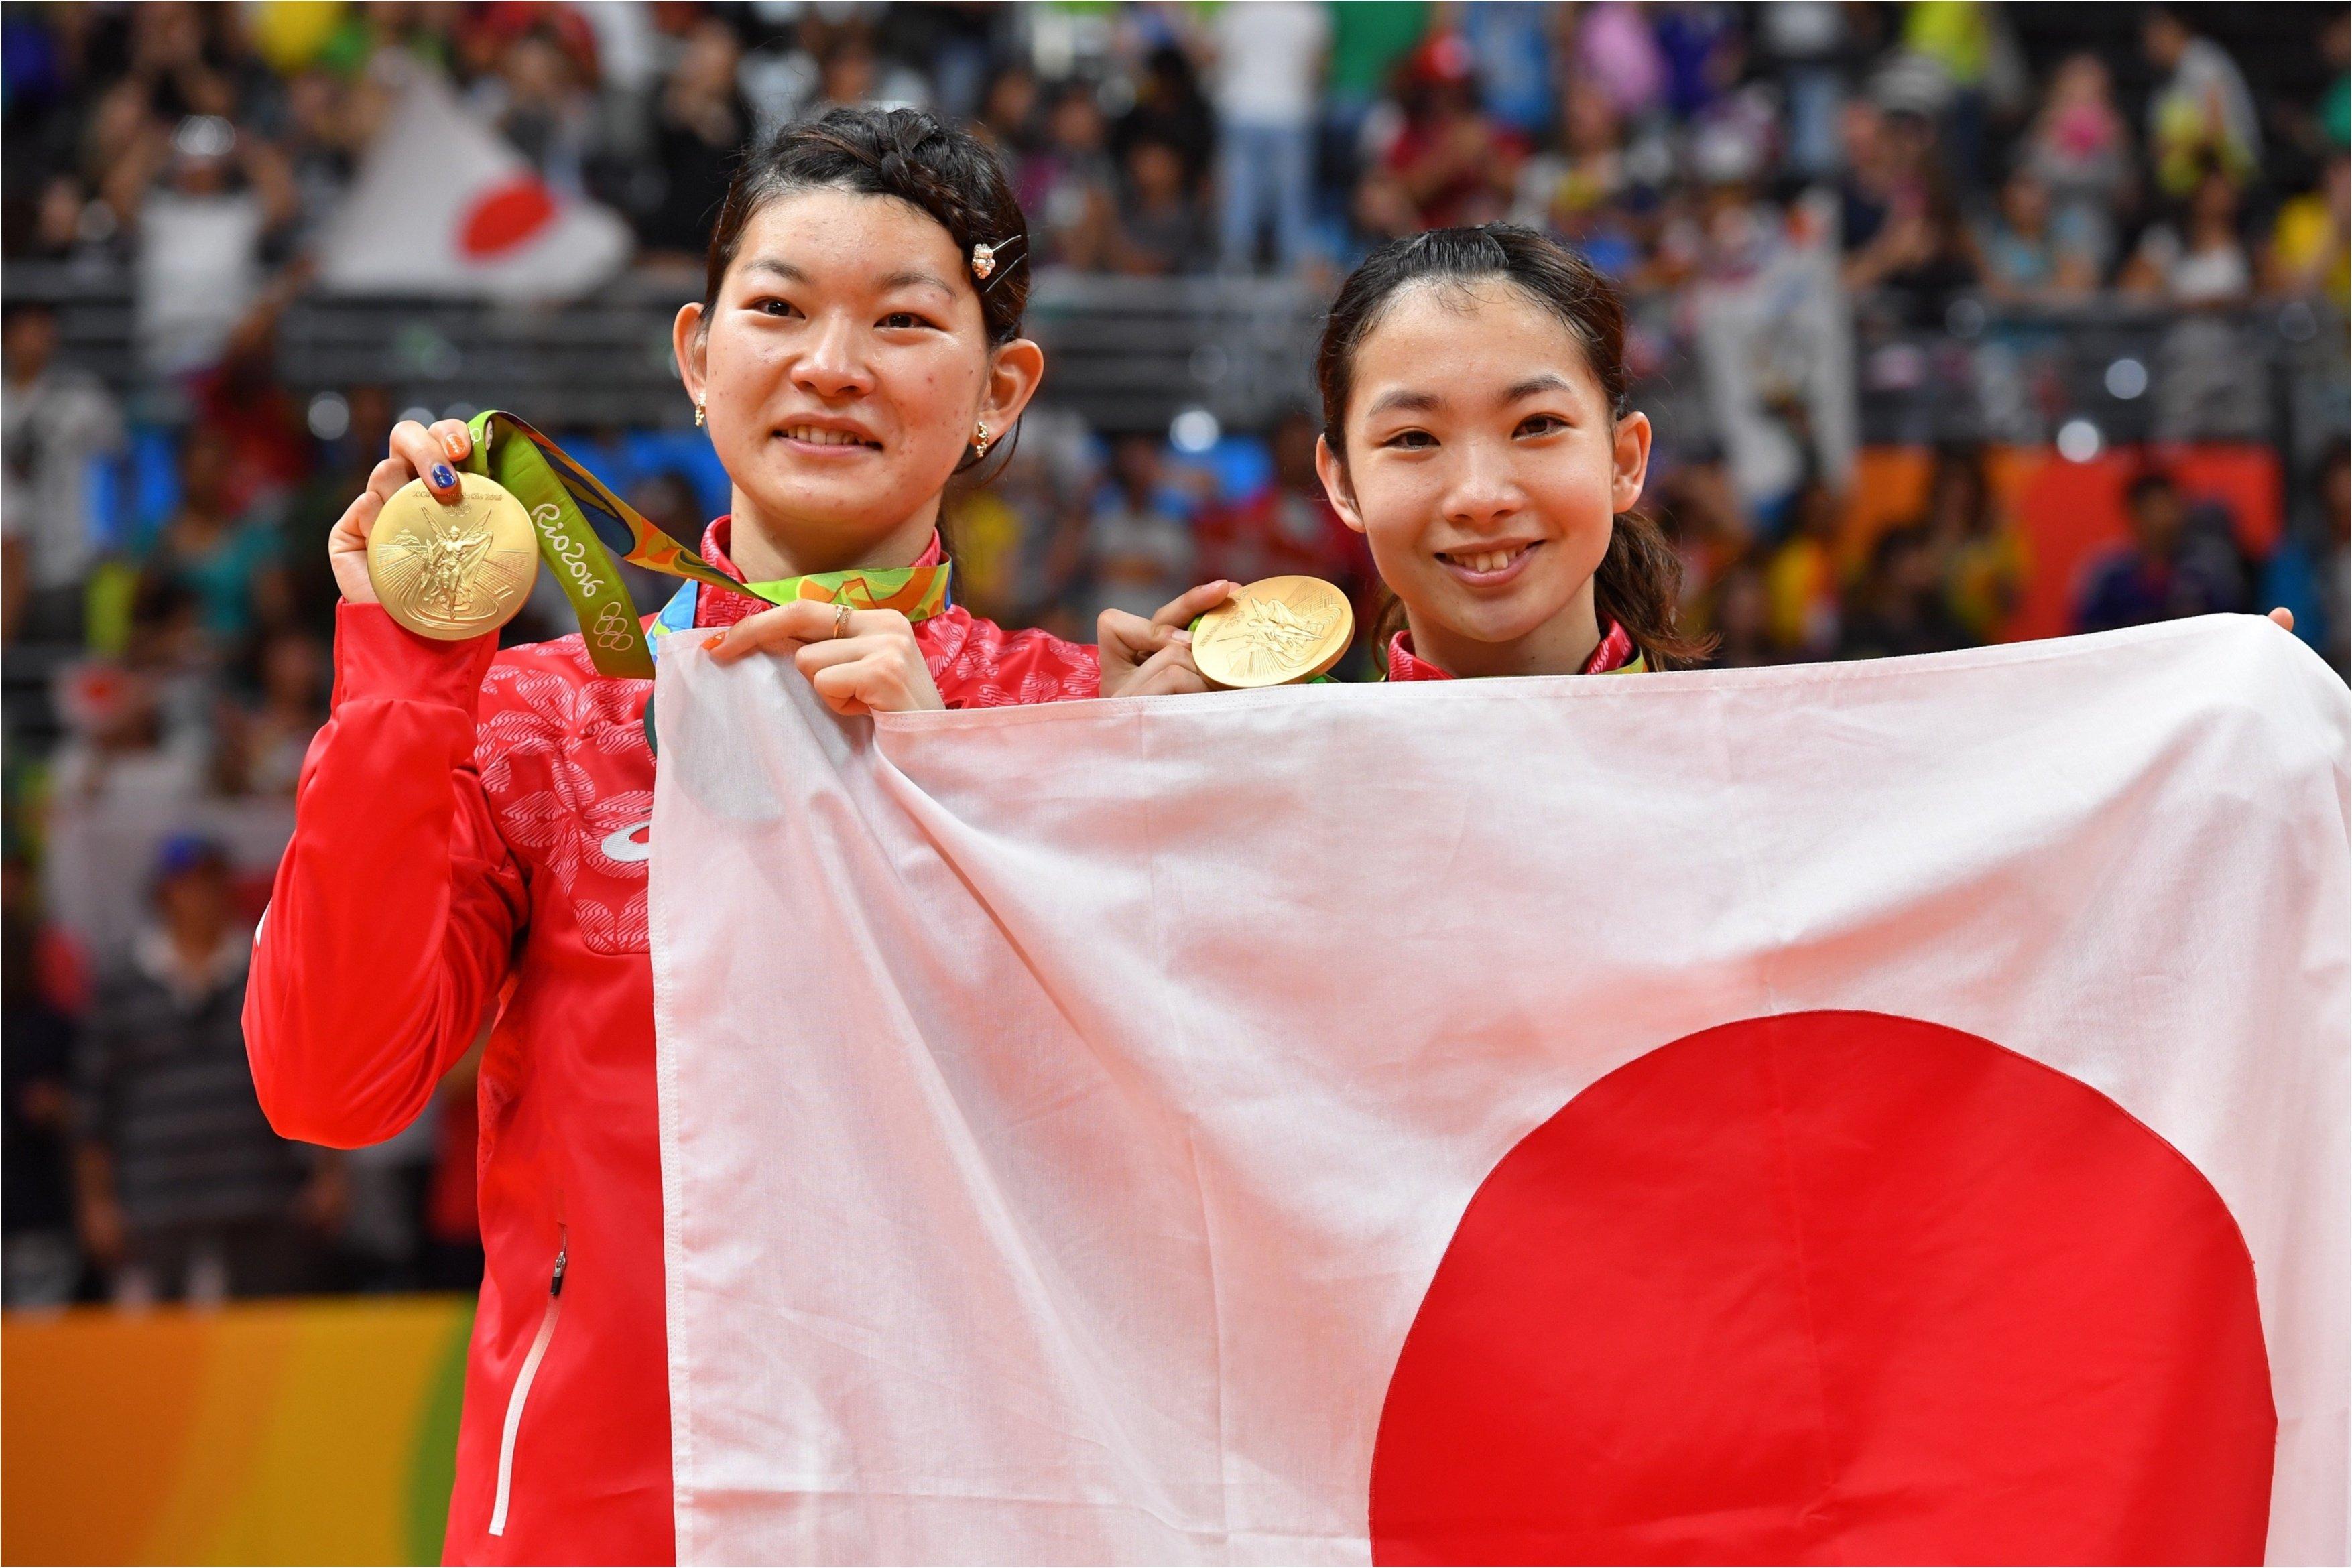 バドミントン・ダブルス日本代表の高橋礼華選手の「タカ」と松友美佐紀選手の「マツ」を取って「タカマツペア」